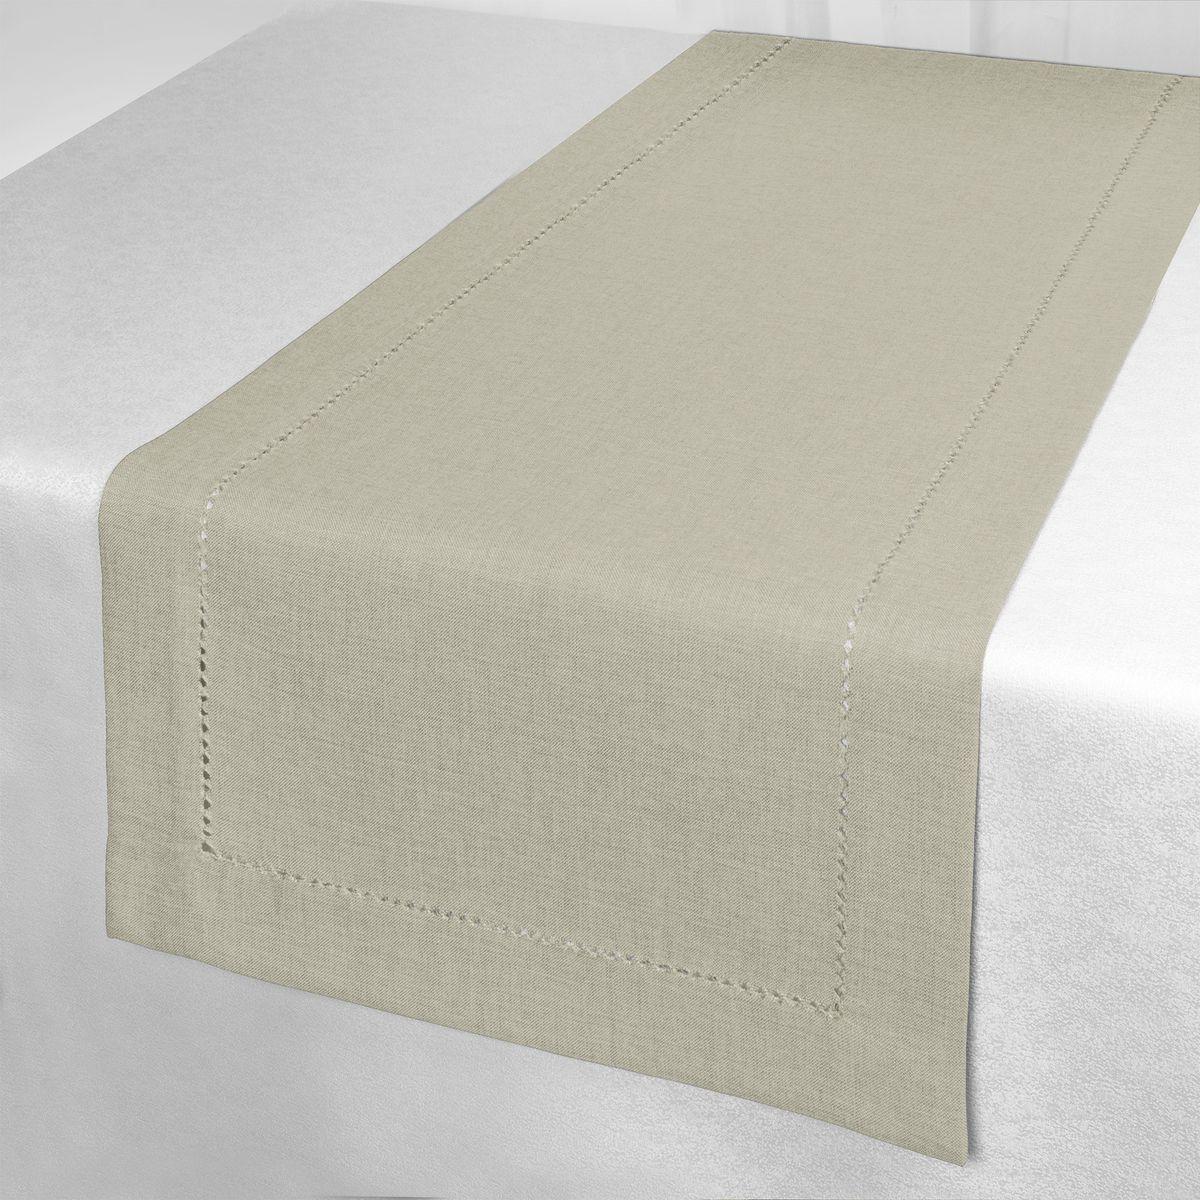 Дорожка для декорирования стола Schaefer, 40x140 см. 07600-21107600-211